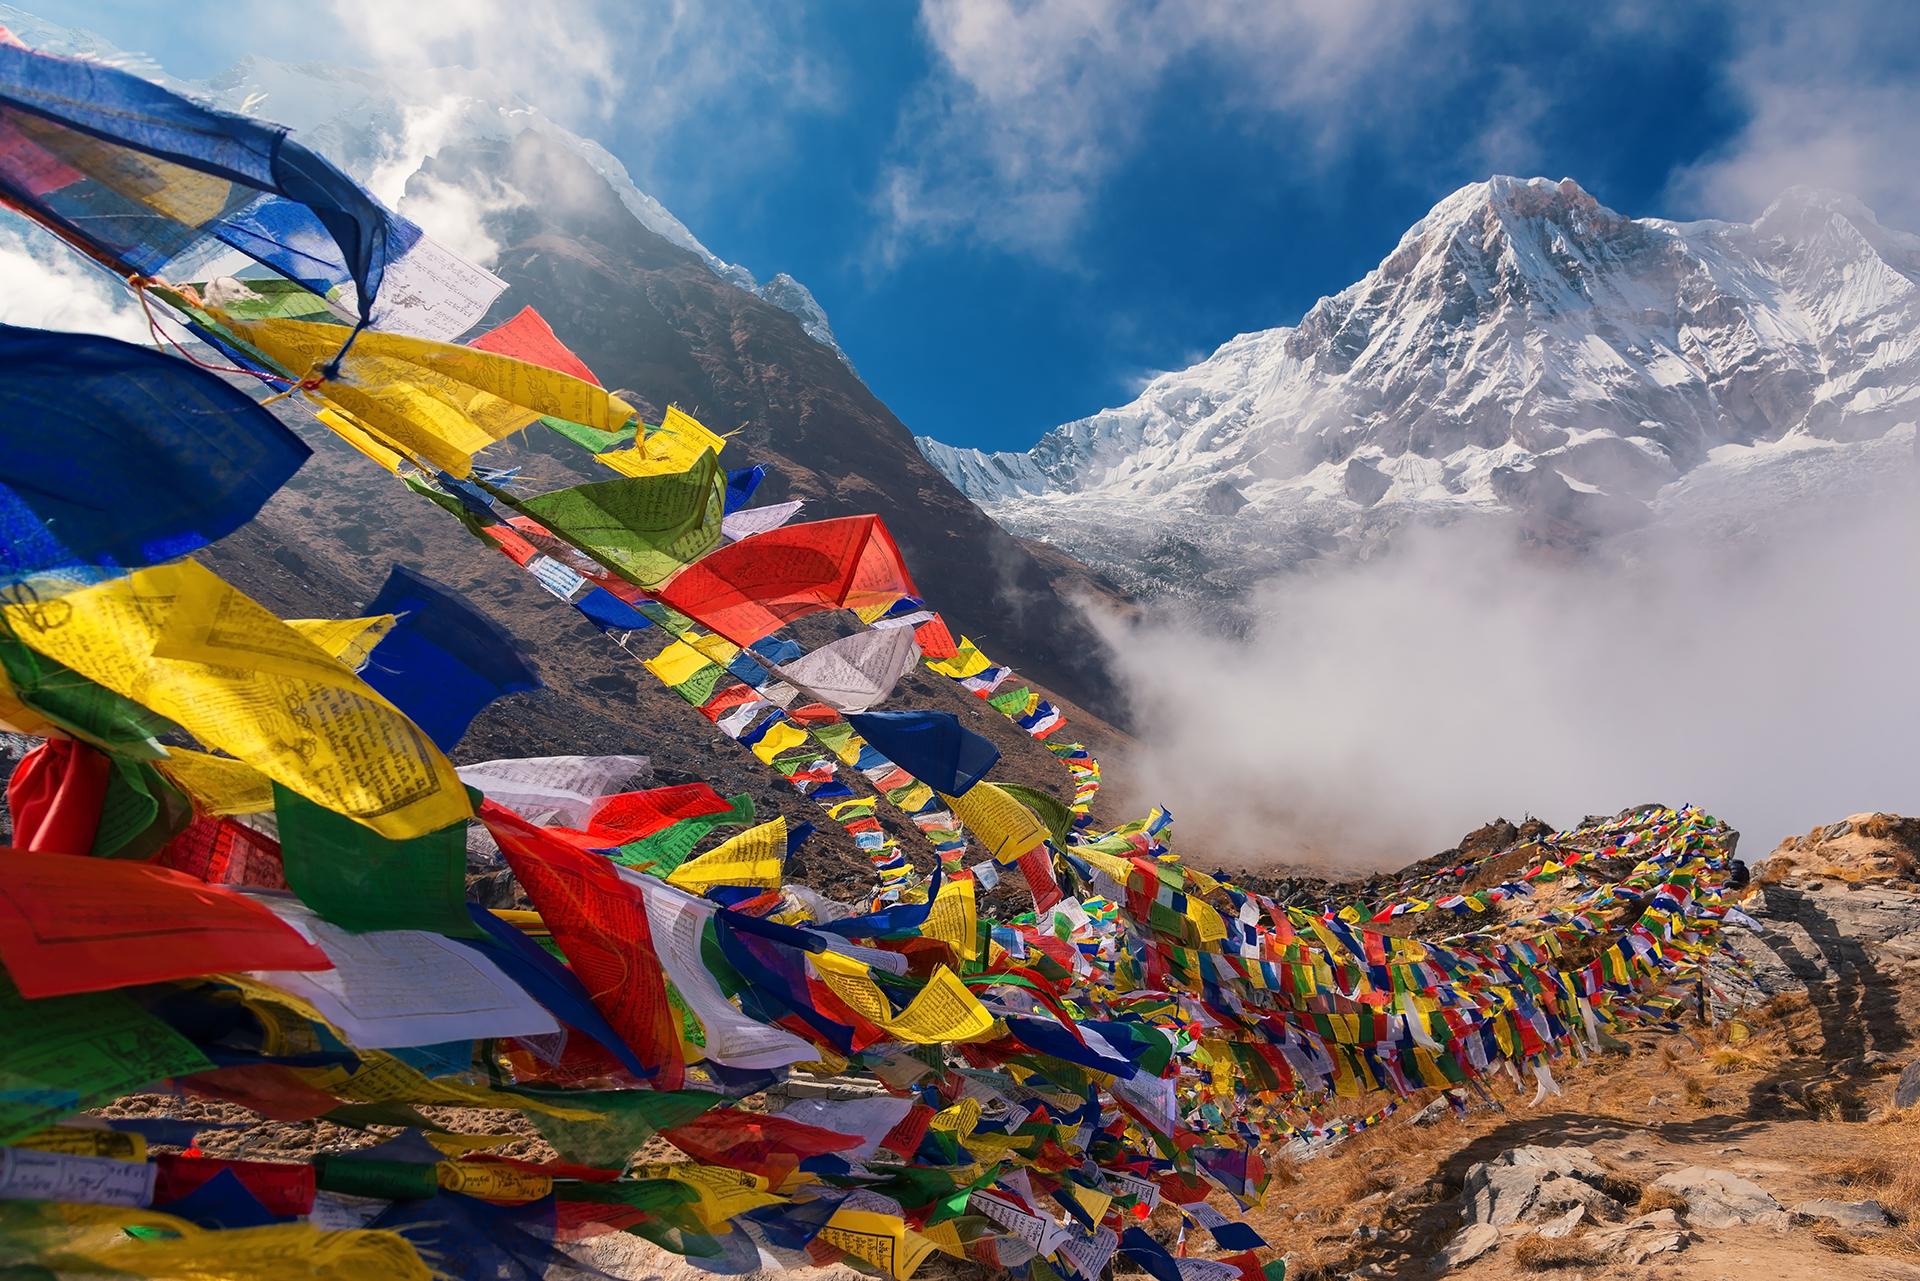 Banderas de oración y fondo del Monte Annapurna I Bután